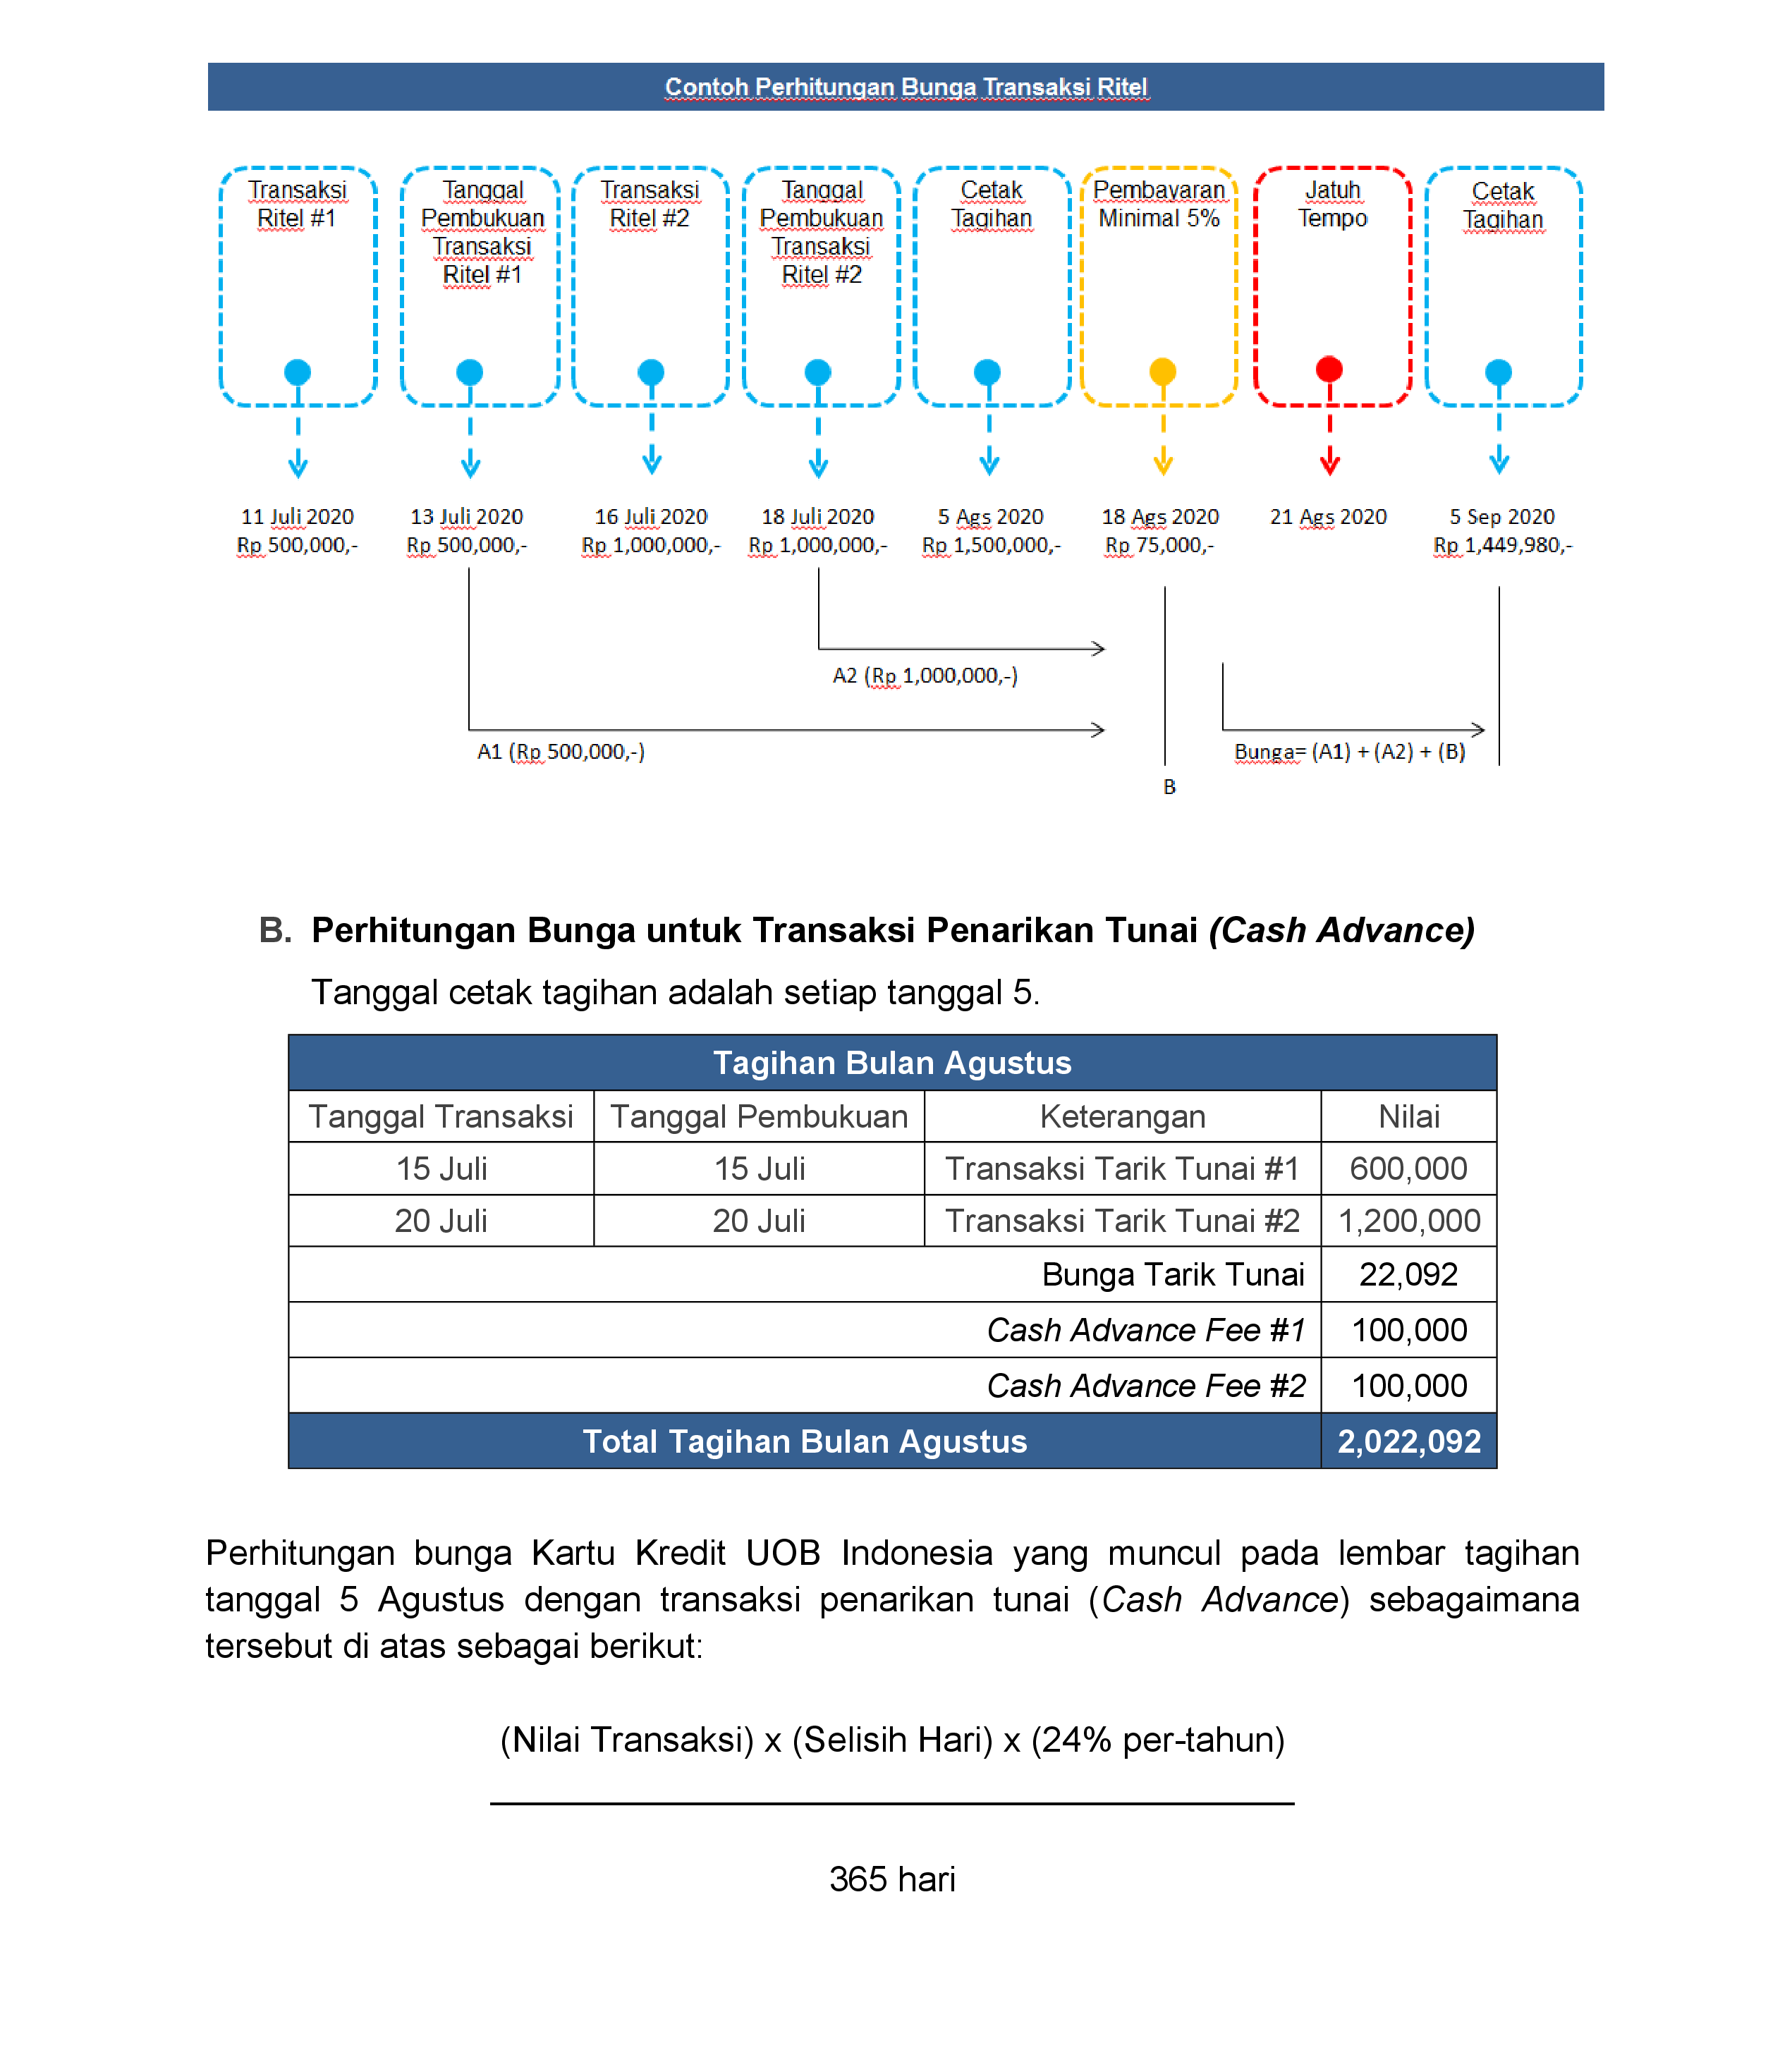 Uob Indonesia Perubahan Suku Bunga Kartu Kredit